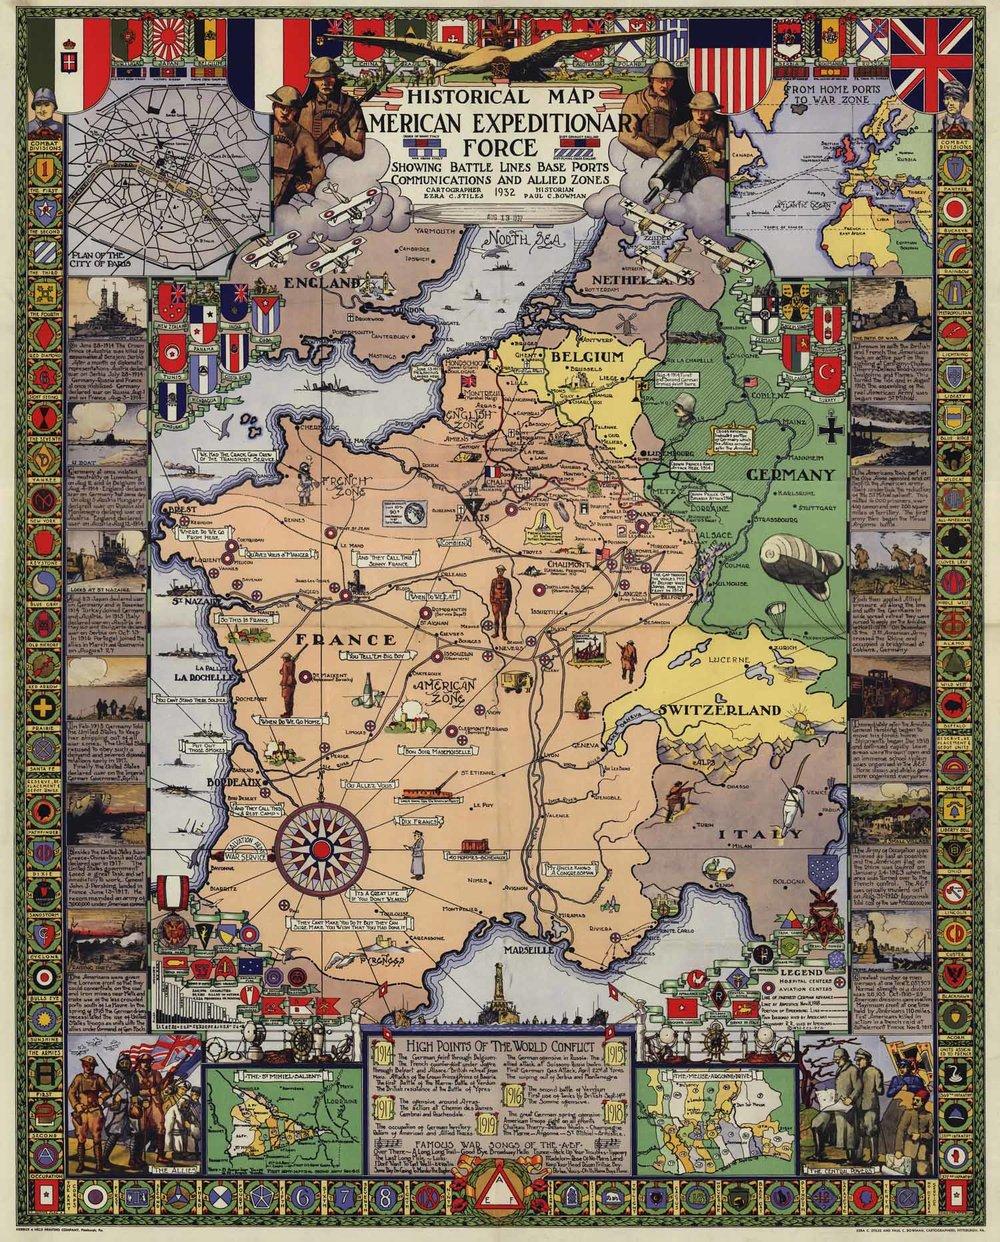 Orig Map S.jpg